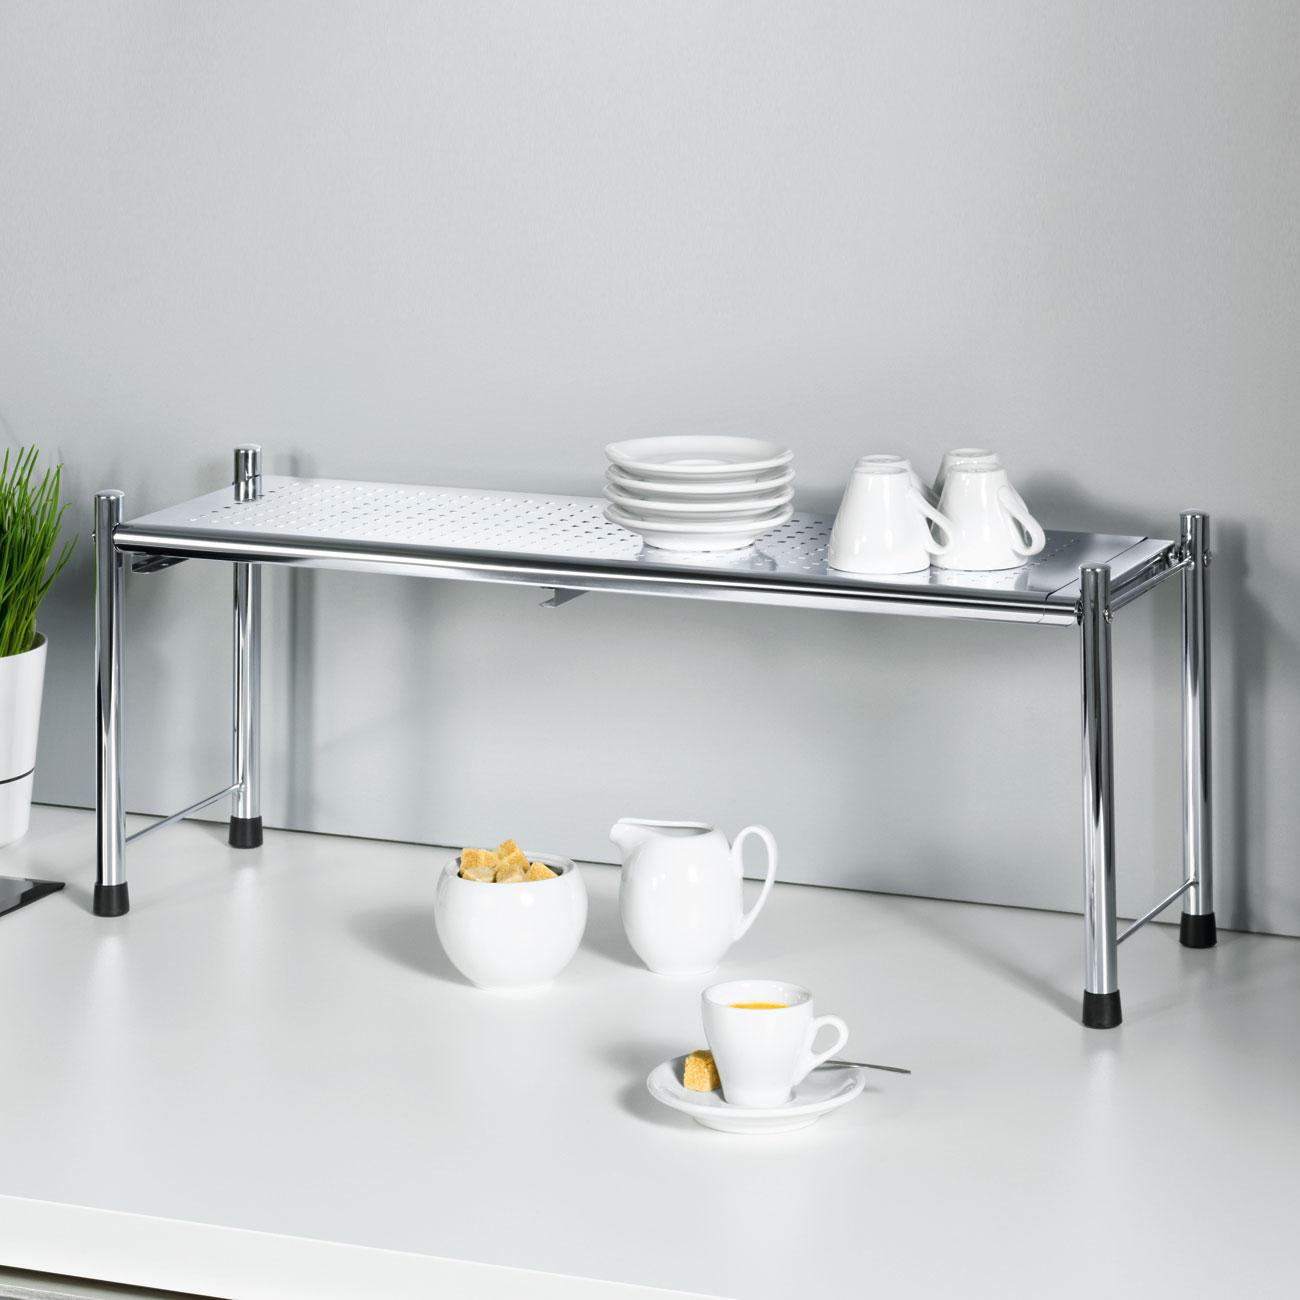 Wenko Spülbeckenregal Expando, Silber online kaufen